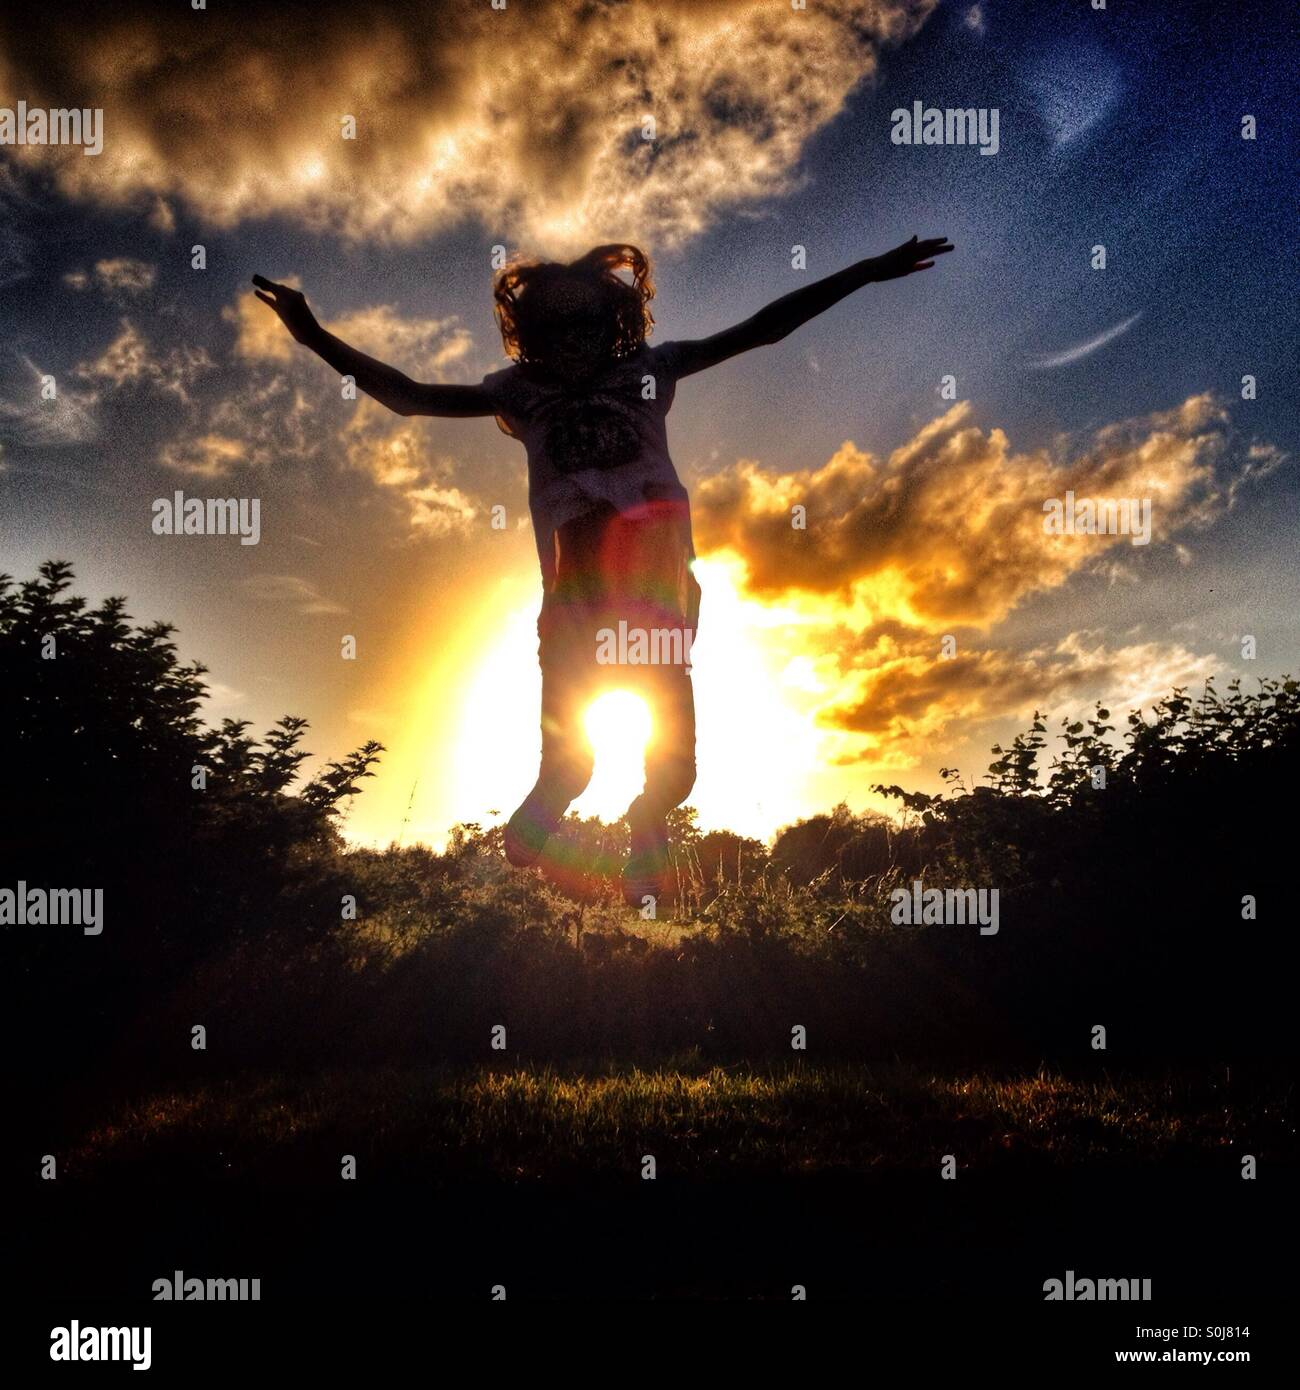 Ragazza giovane salti di gioia in silhouette contro il sole di setting Immagini Stock